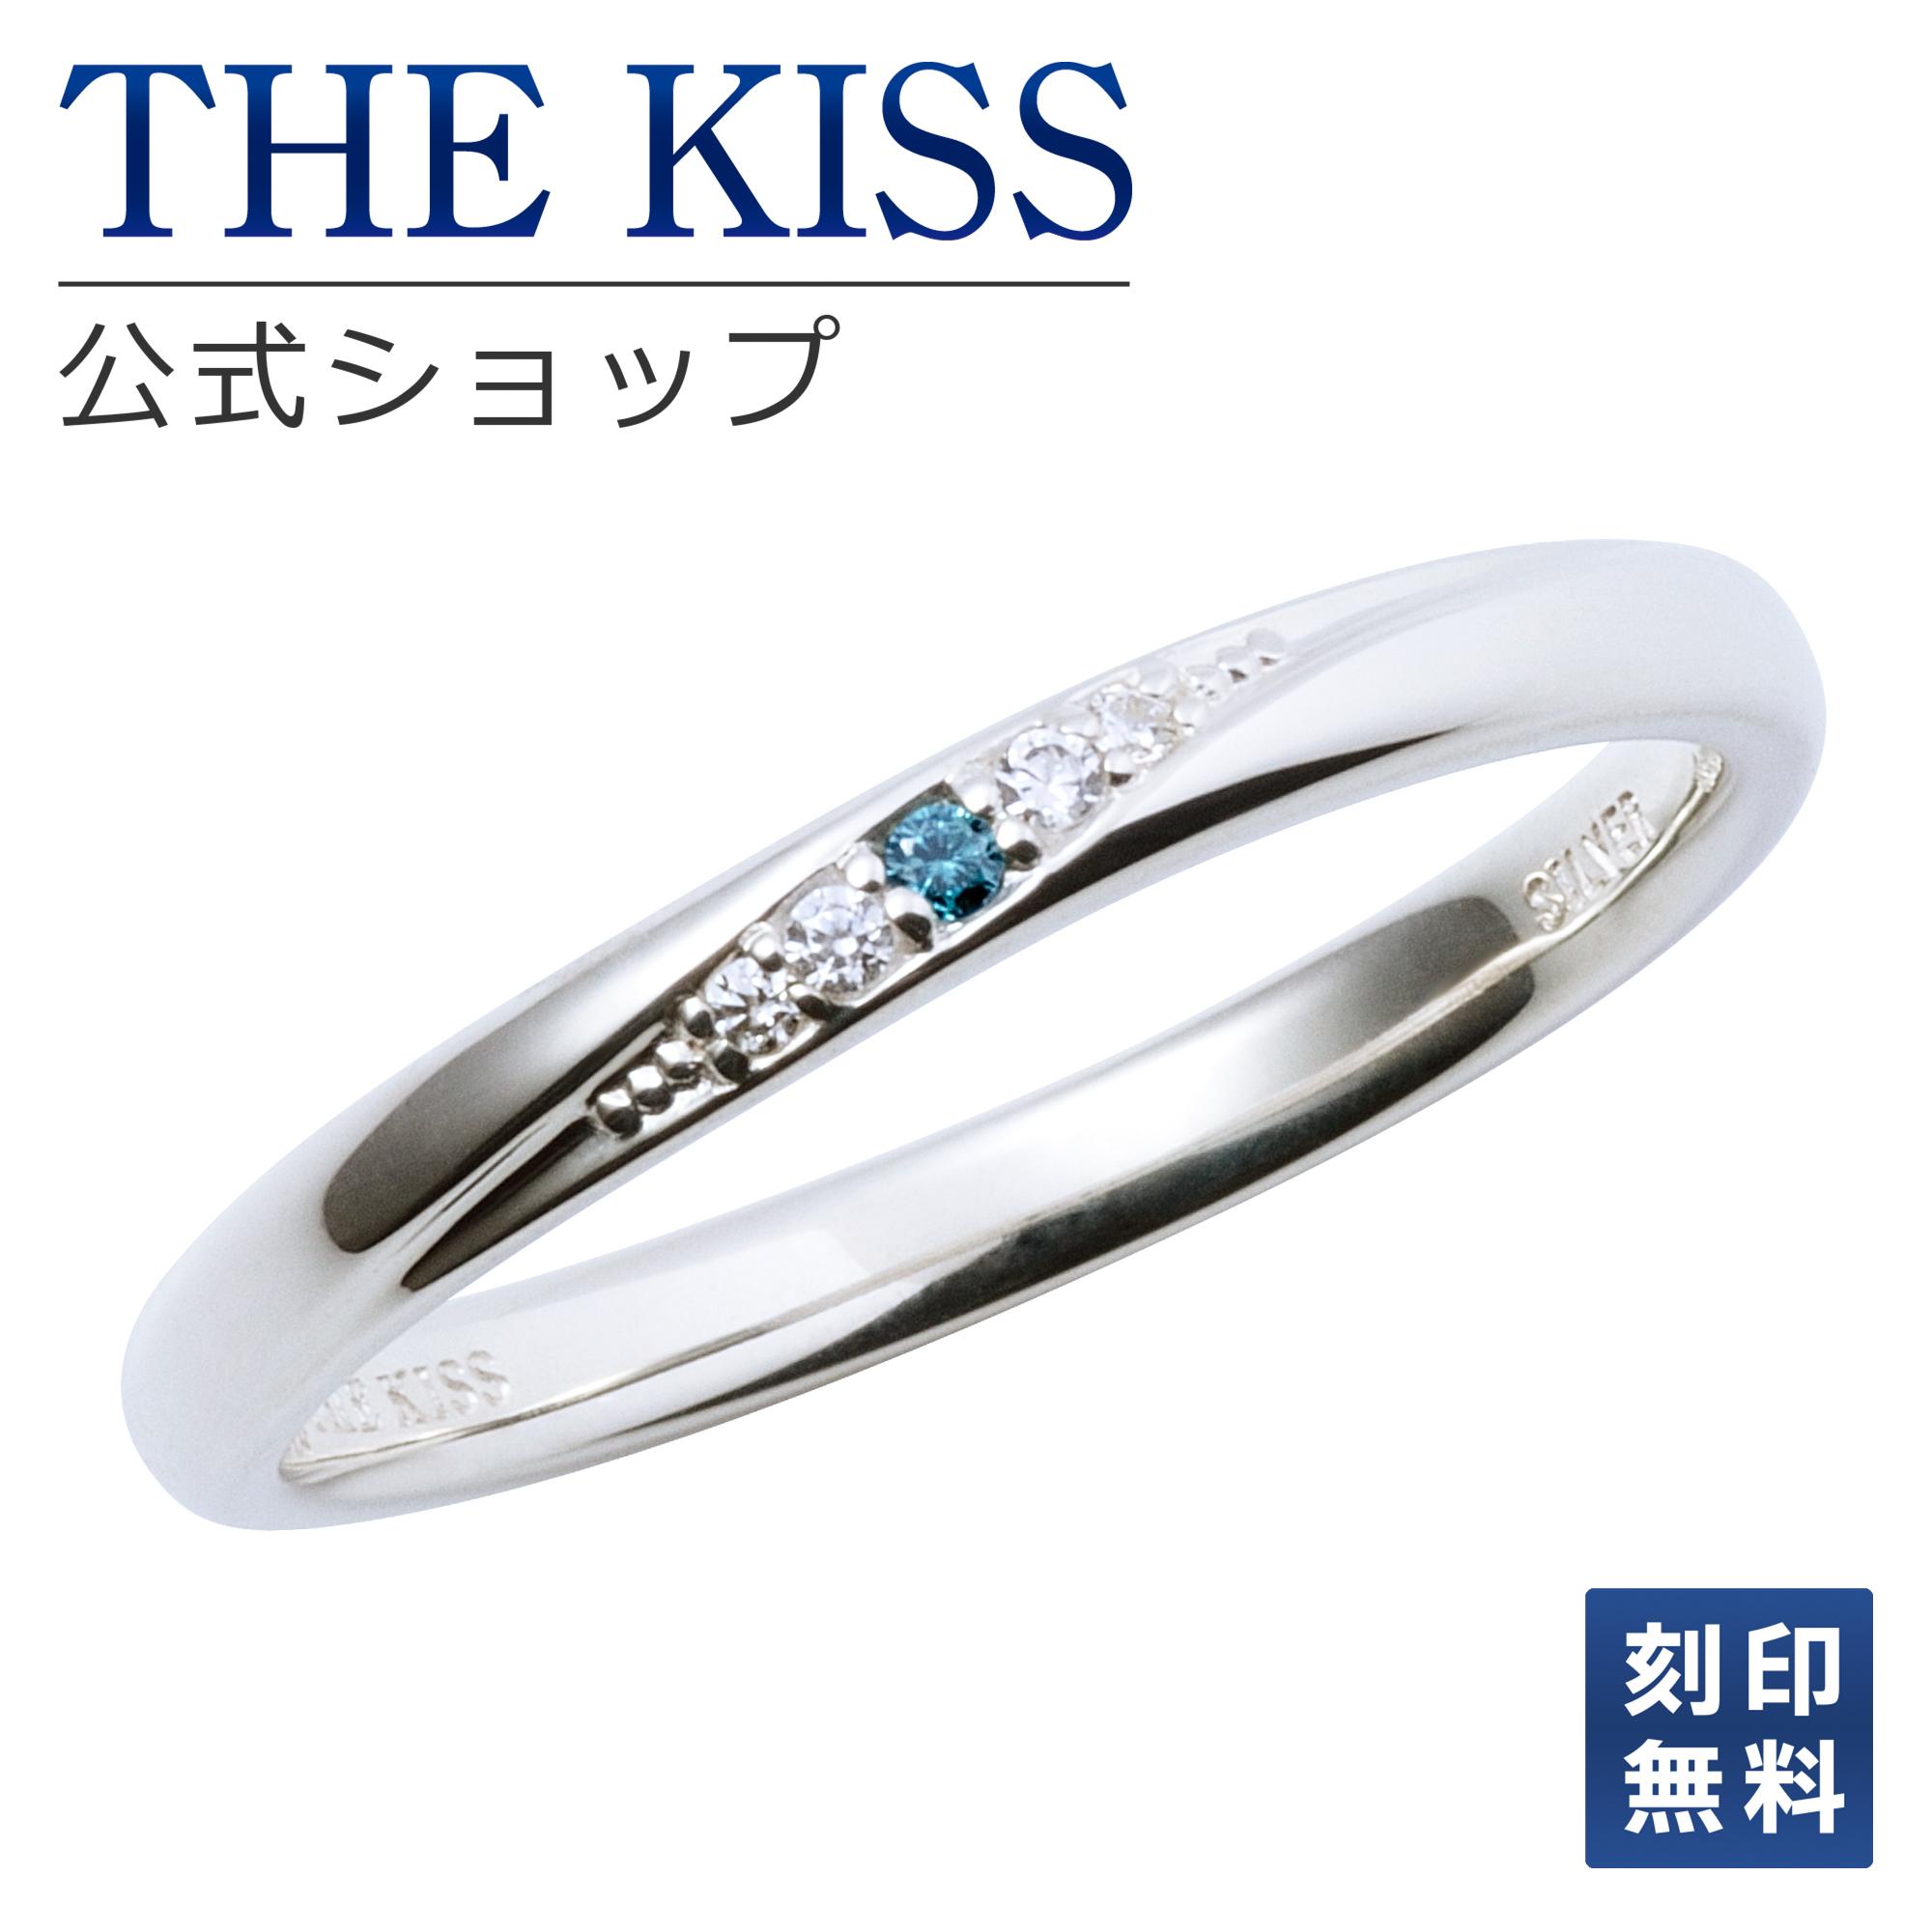 【あす楽対応】THE KISS 公式サイト シルバー ペアリング ( レディース 単品 ) ブルーダイヤモンド ペアアクセサリー カップル に 人気 の ジュエリーブランド THEKISS ペア リング・指輪 記念日 プレゼント SR2006BDM ザキス 【送料無料】